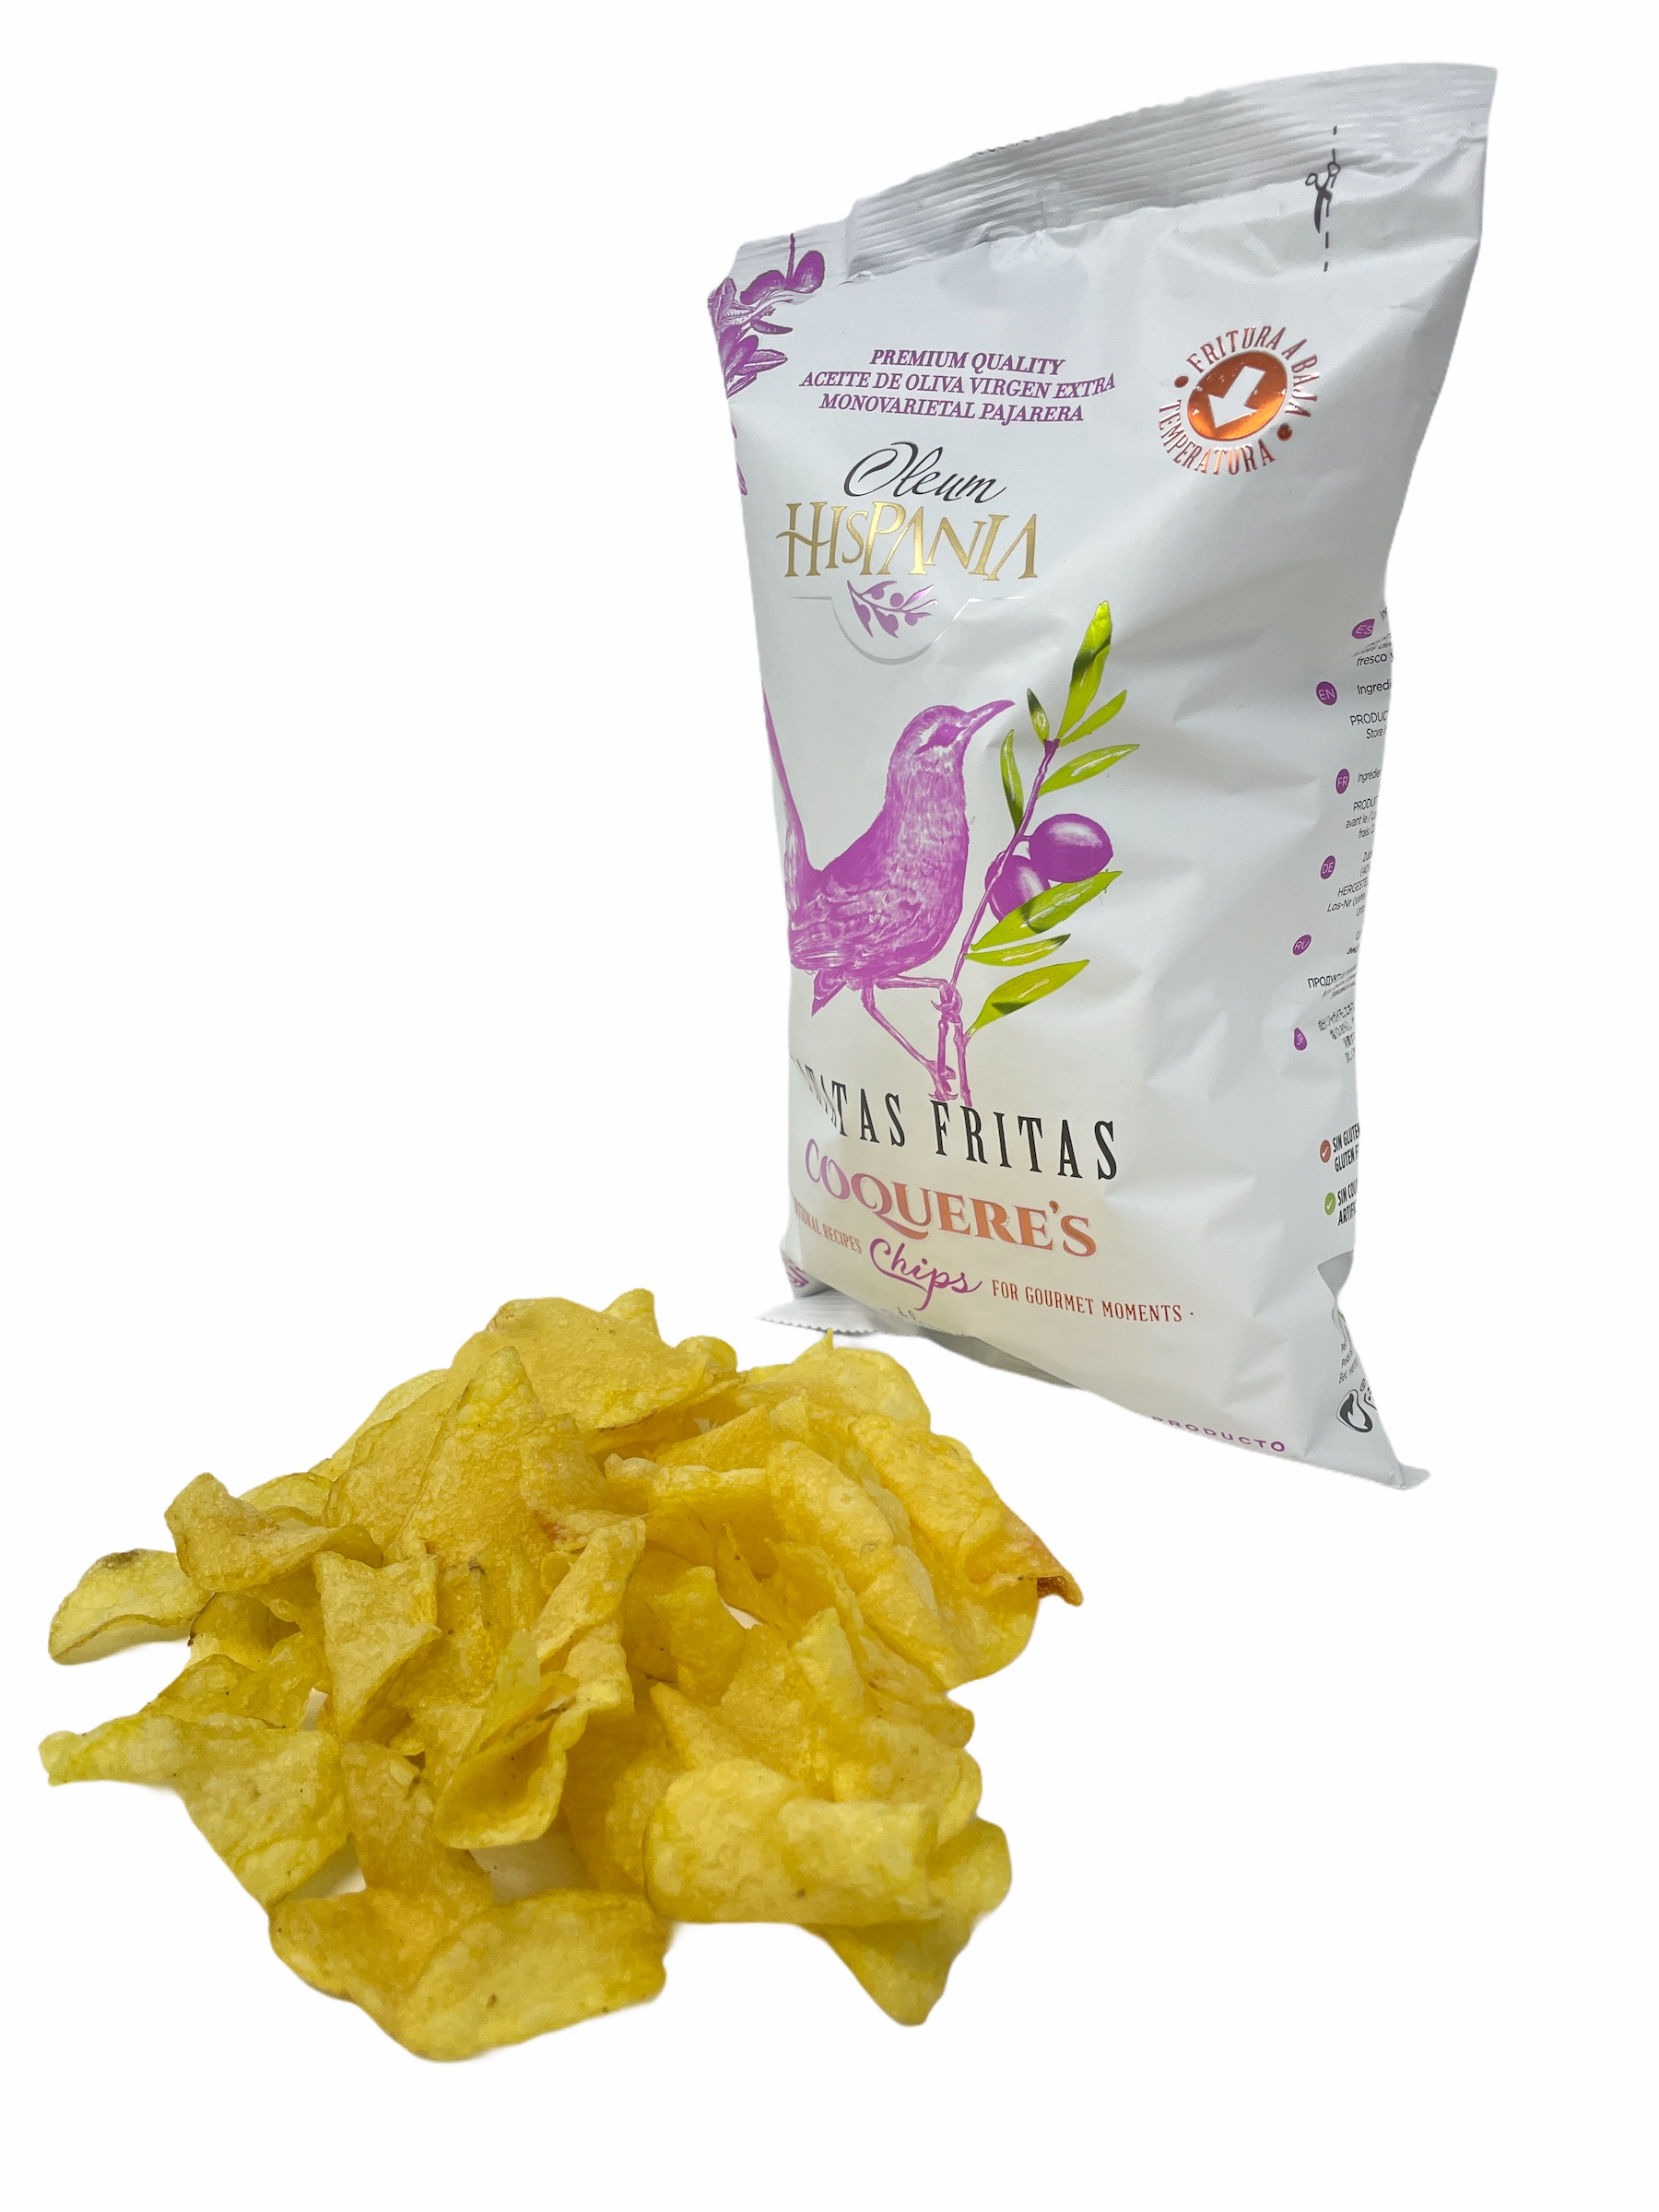 Las nuevas patatas fritas Coqueres estan riquisimas, son sanas y saludables  y están fritas con aove pajareja